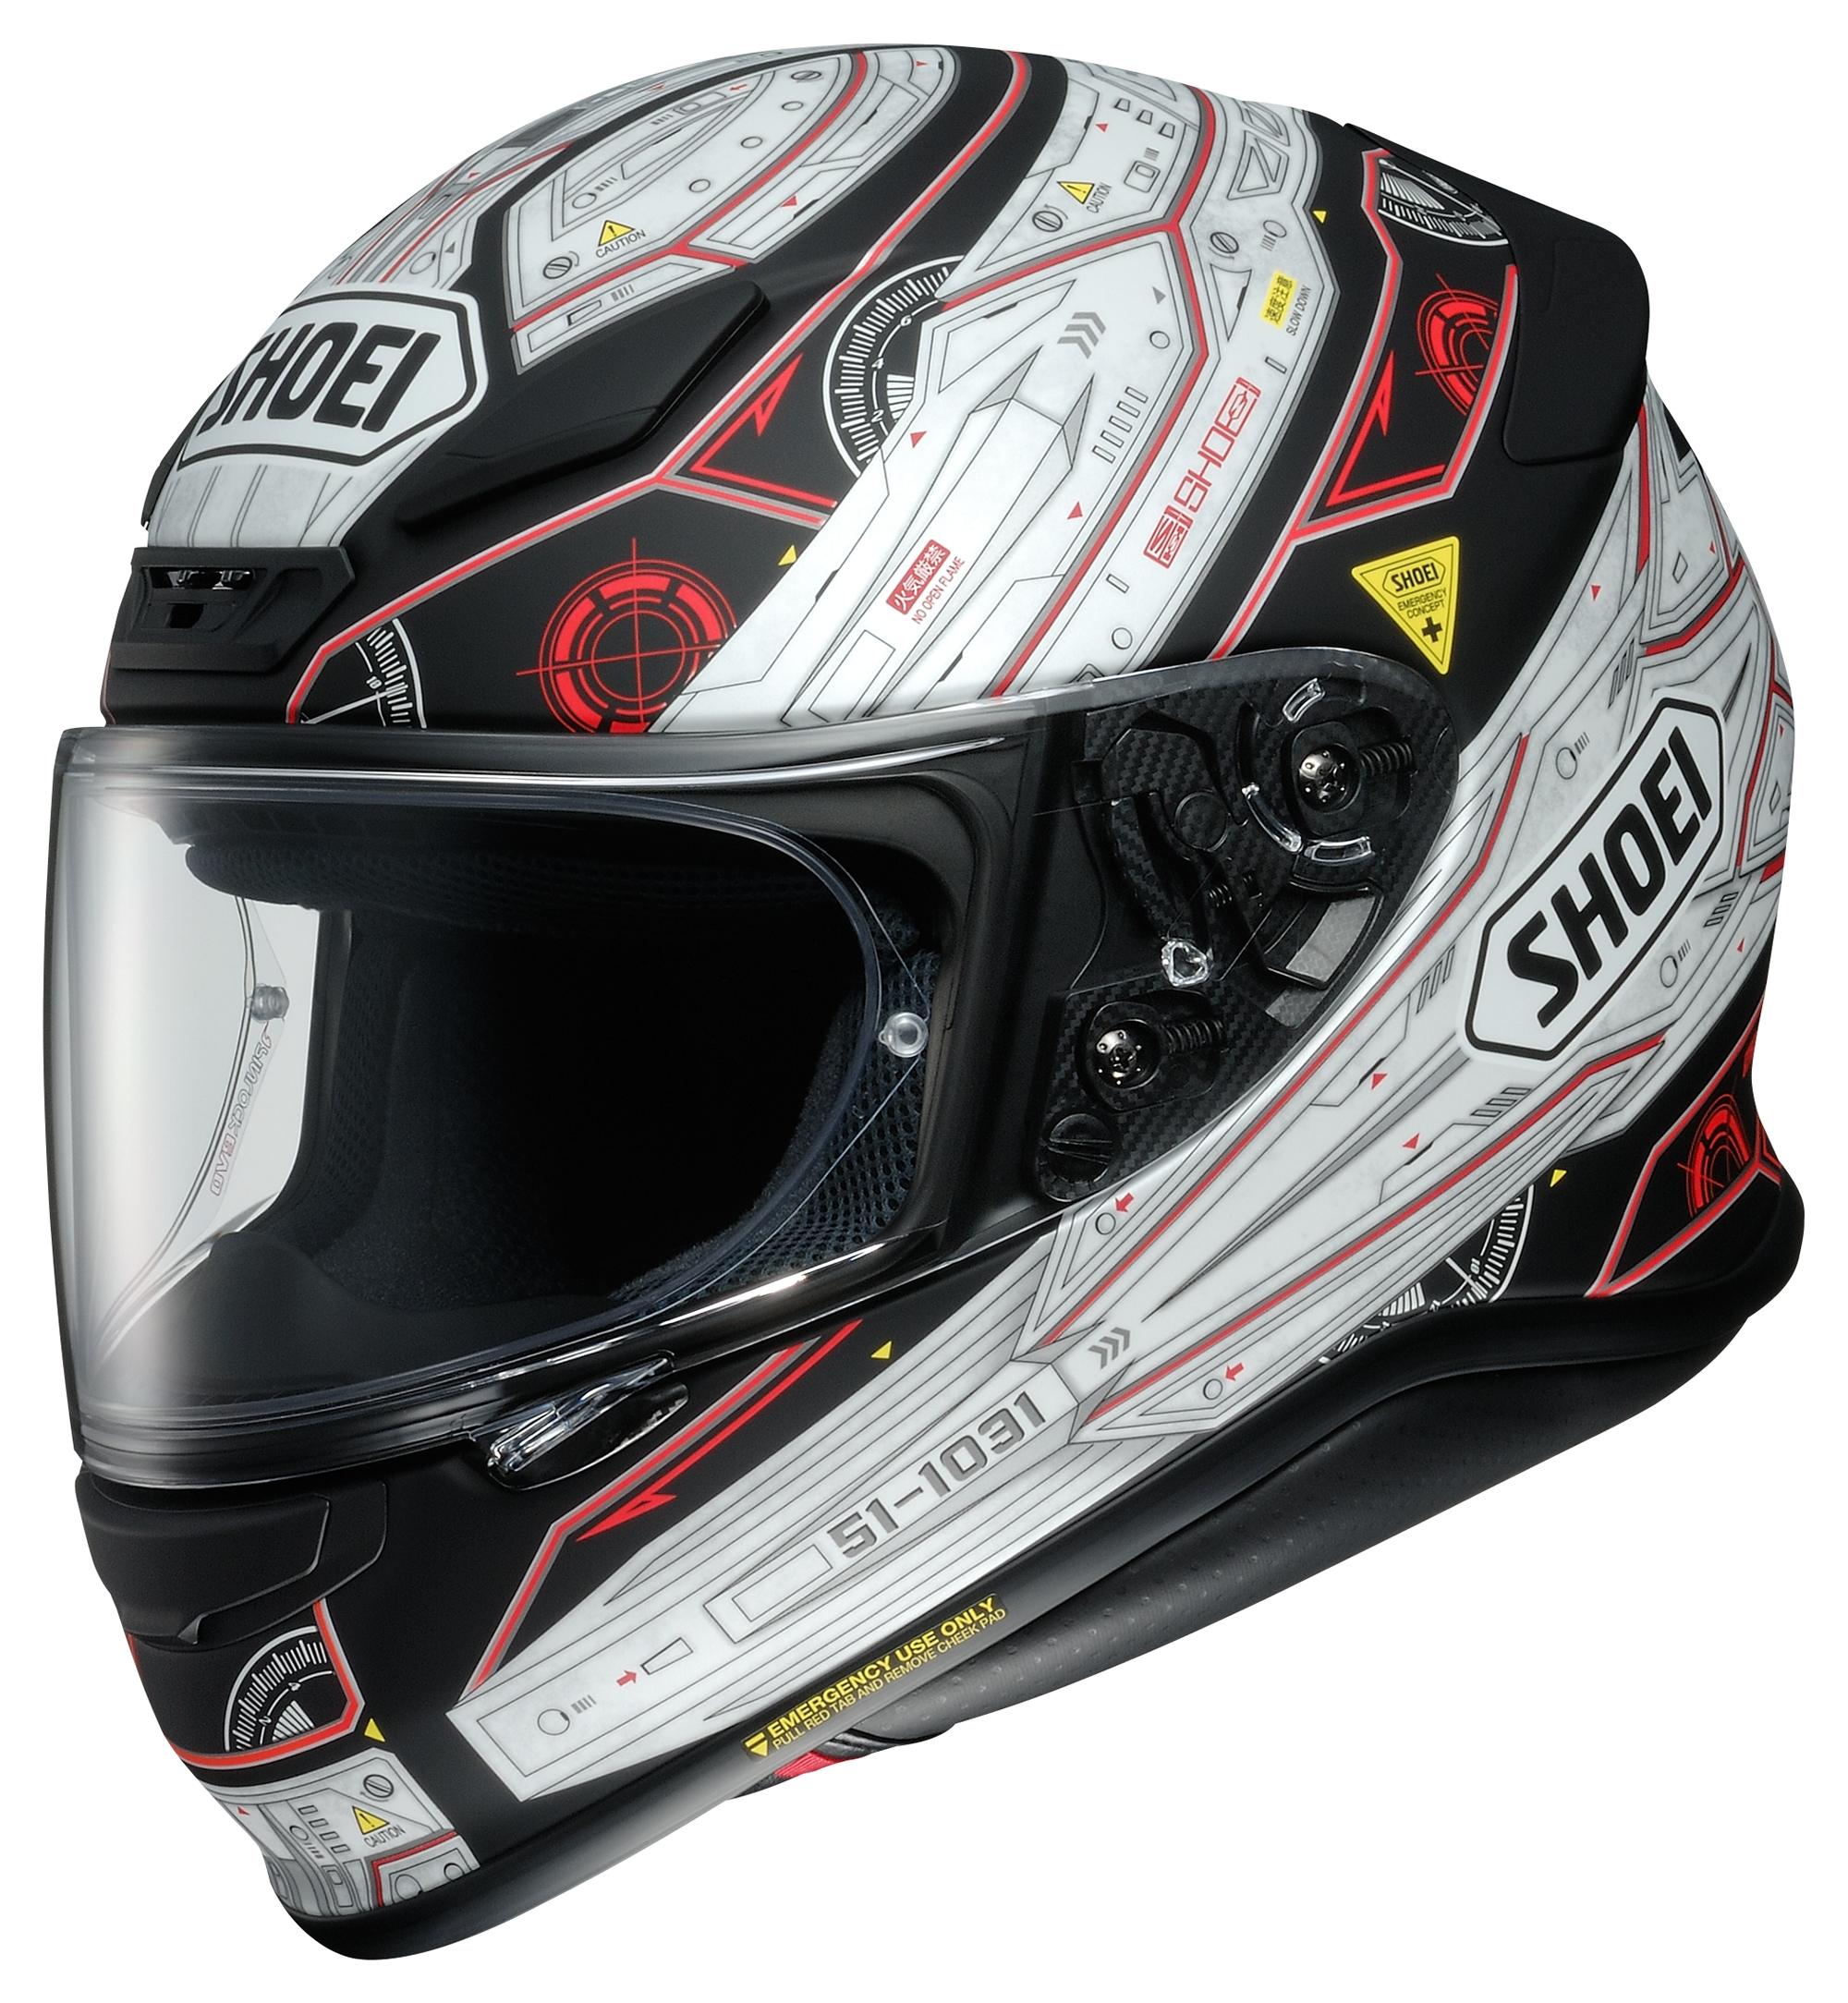 Shoei Rf 1200 Vessel Helmet 24 140 00 Off Revzilla